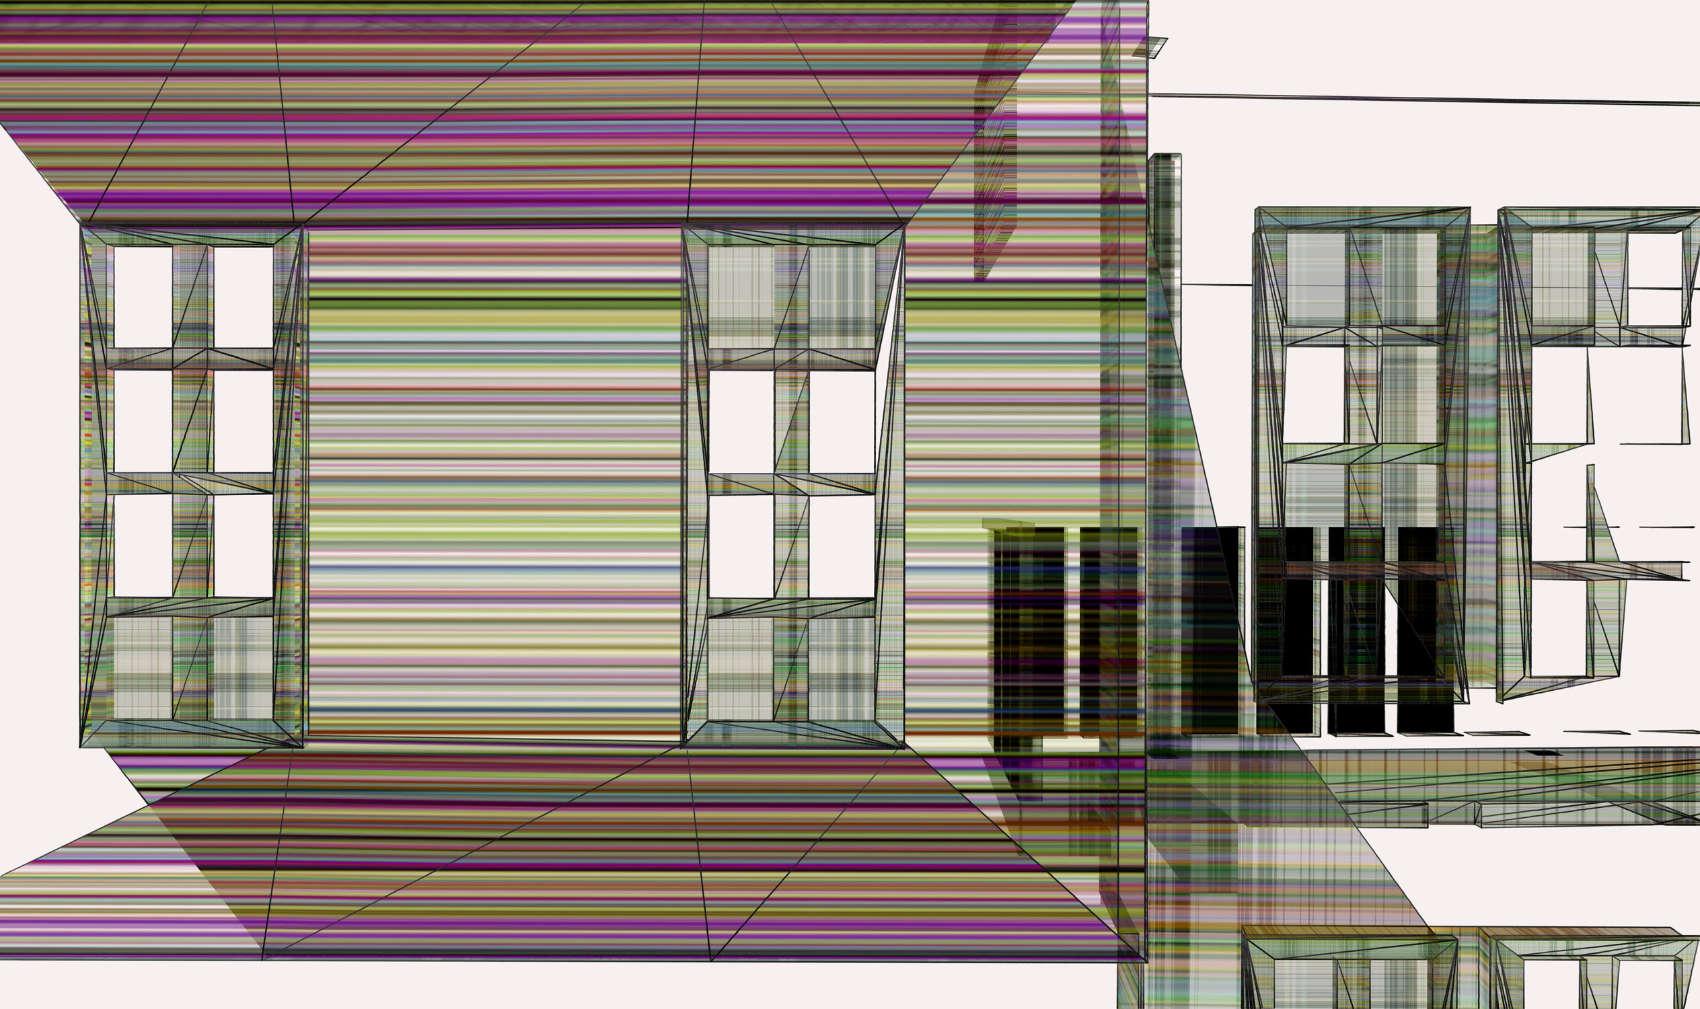 Broken House 7, 2017, jet d'encre pigmentaire sur papier Fine Art, 65 x 109 cm